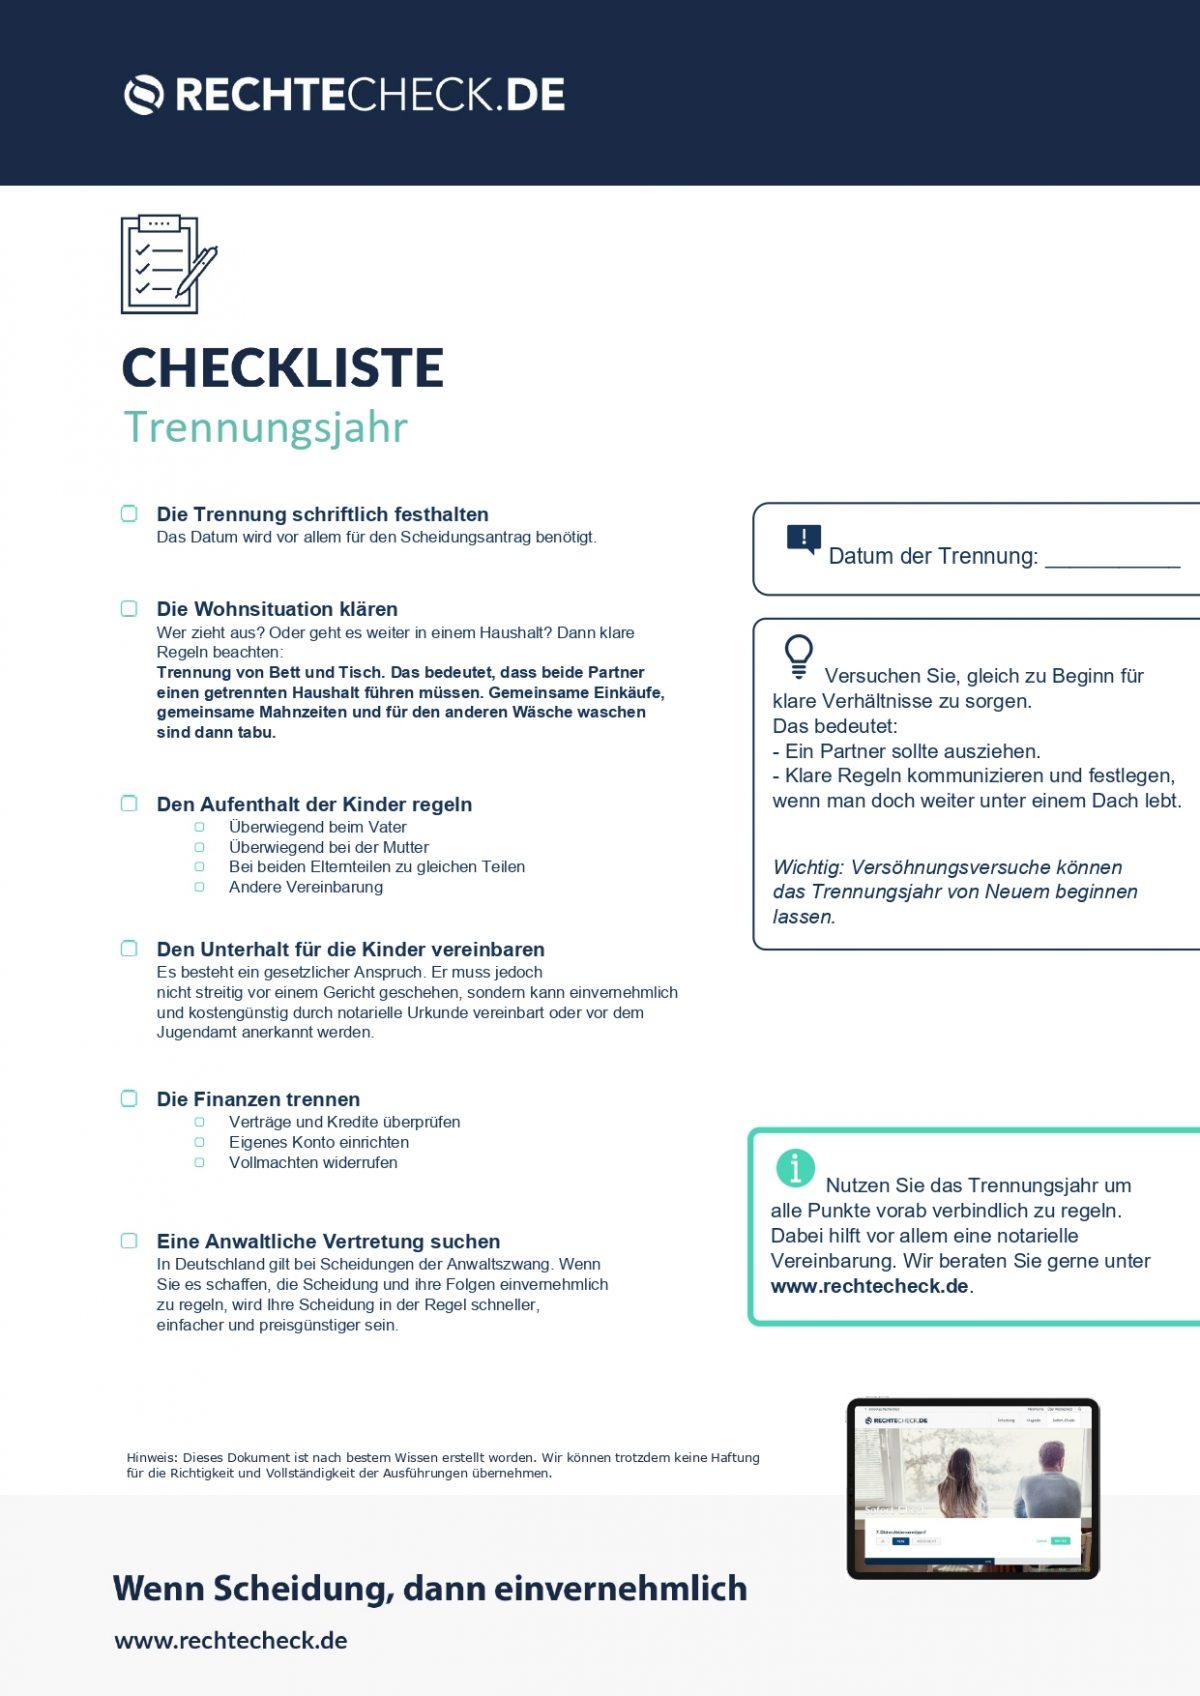 Checkliste: Trennungsjahr